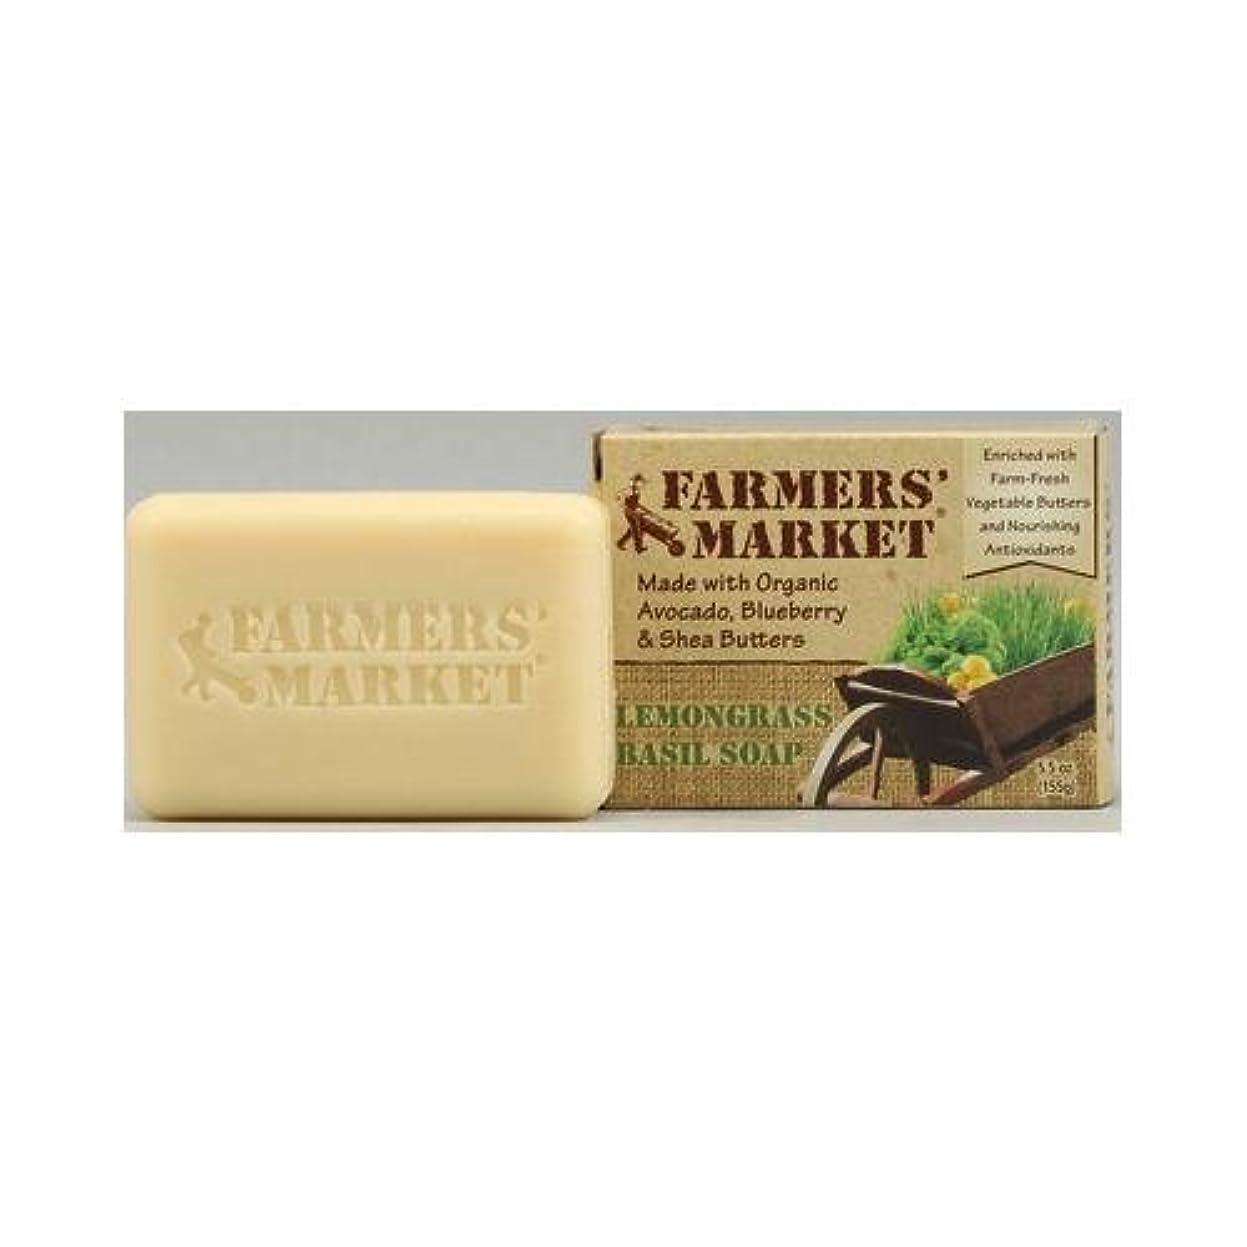 アメリカ該当する最悪Natural Bar Soap Lemongrass Basil - 5.5 oz by Farmer's Market